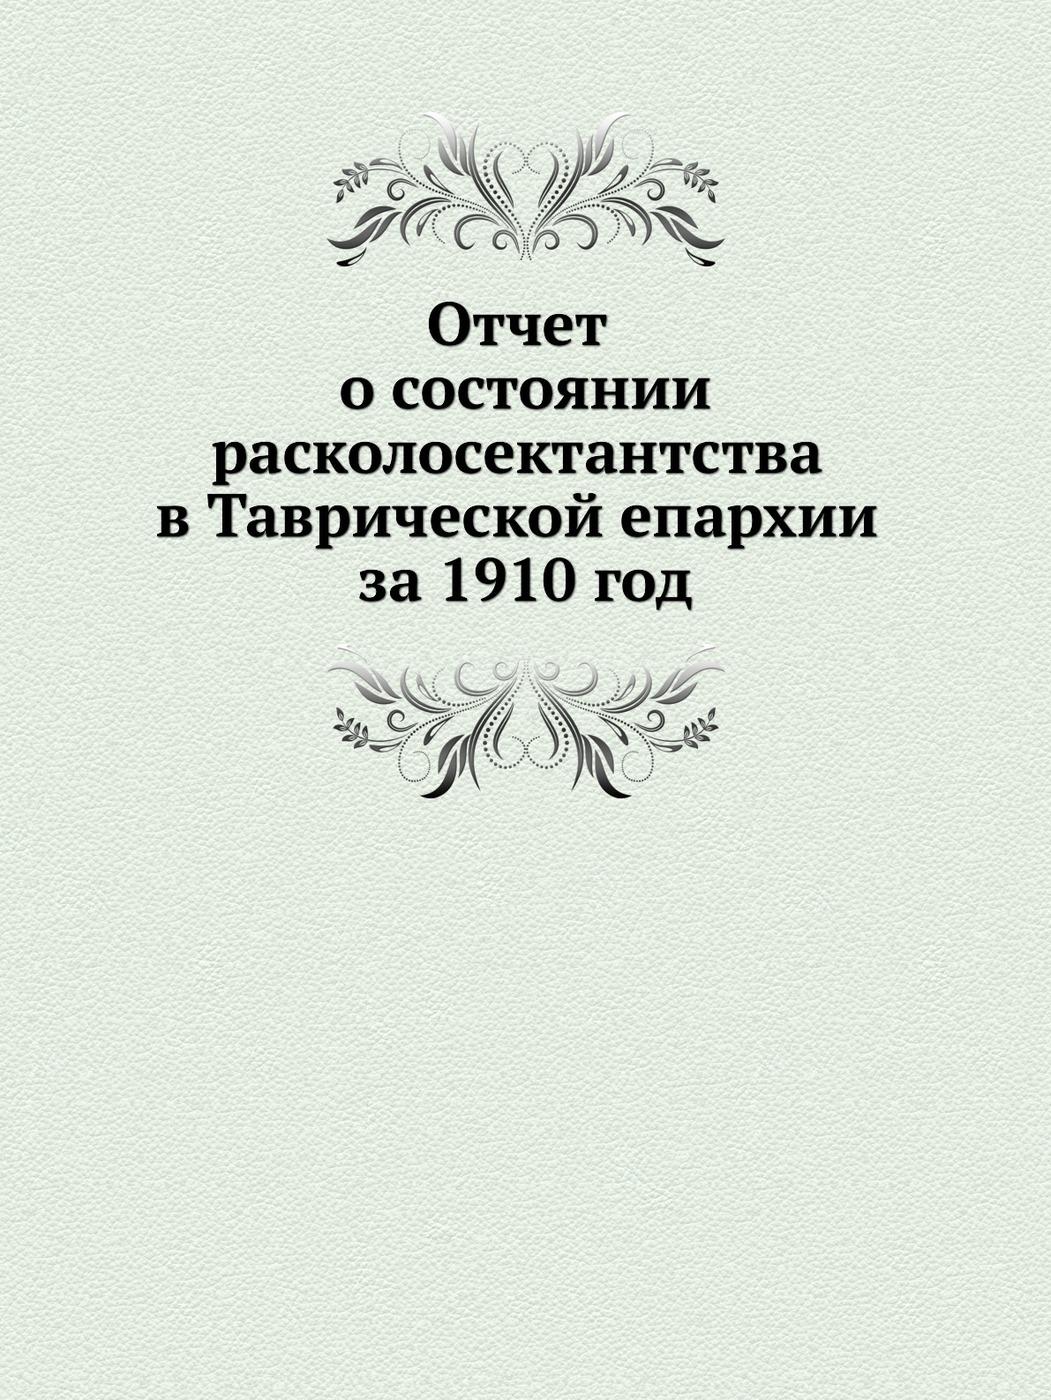 Отчет о состоянии расколосектантства в Таврической епархии за 1910 год 9785458140843